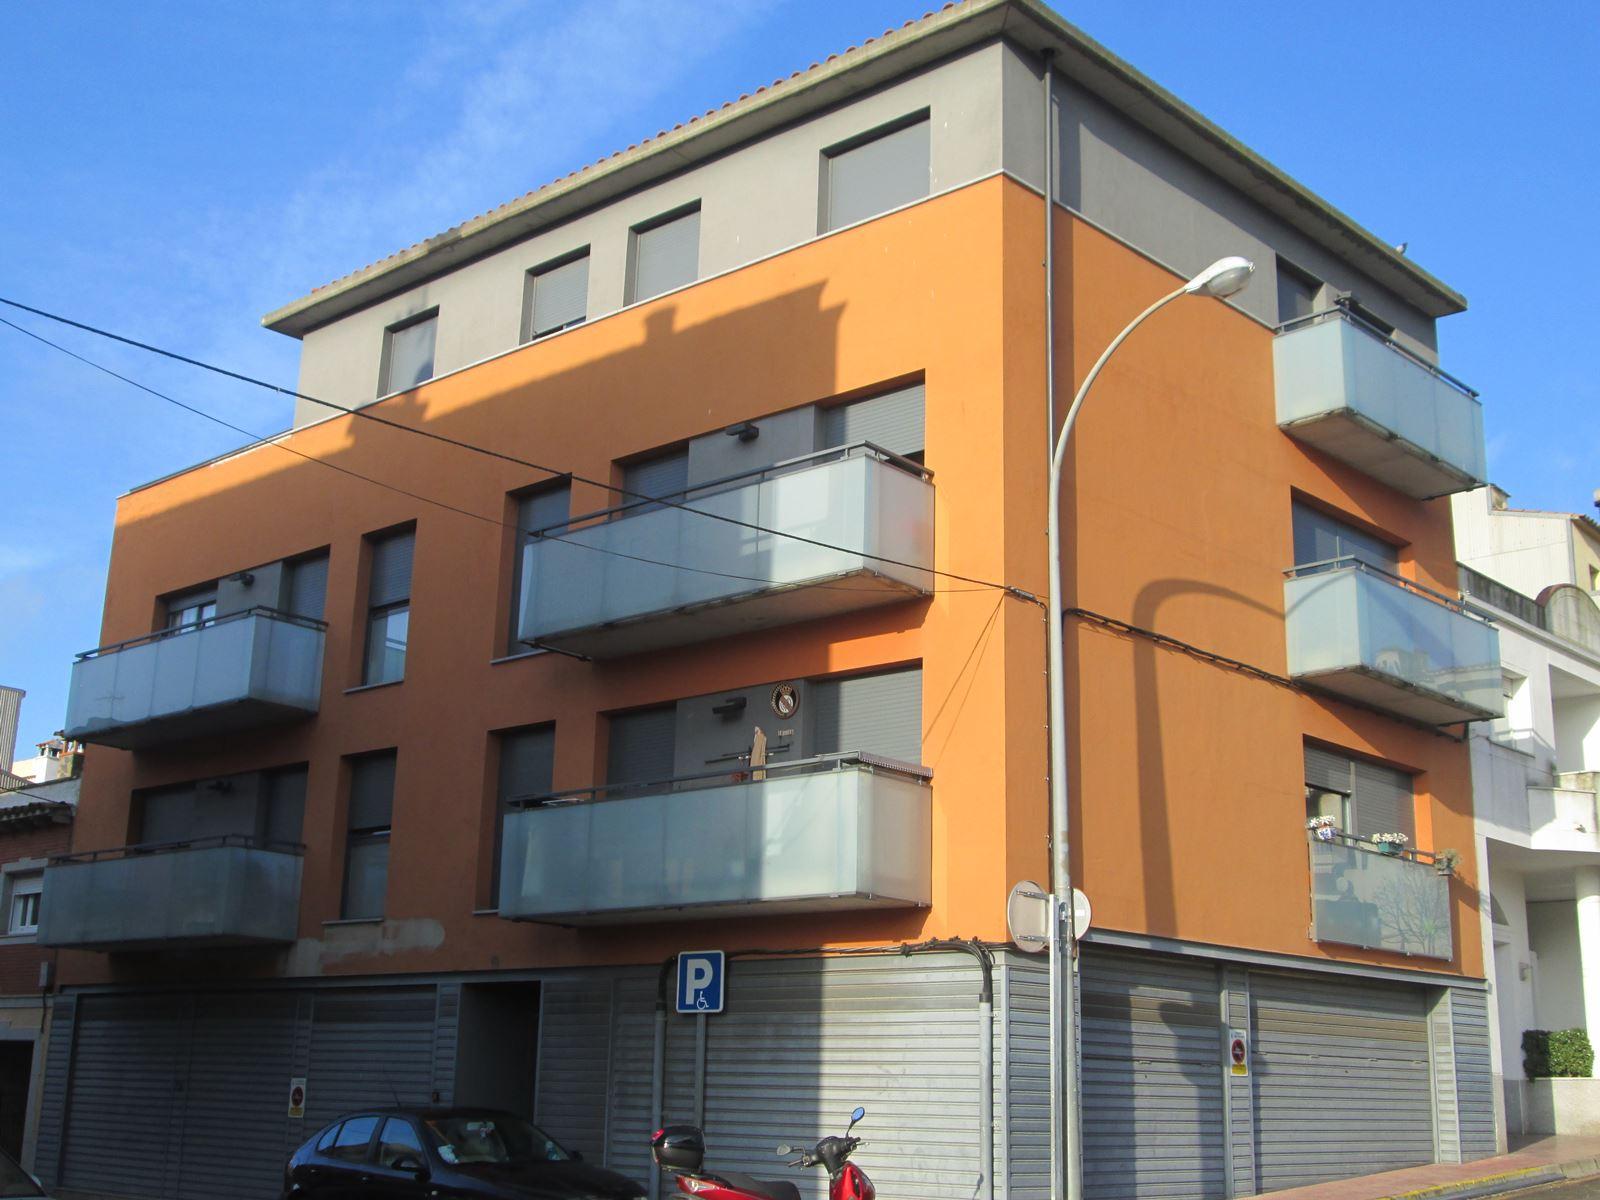 EDIFICI PLURIFAMILIAR I APARCAMENT PER A 8 HABITATGES AL CARRER MÀLAGA (SANT FELIU DE GUÍXOLS) ANY 2004